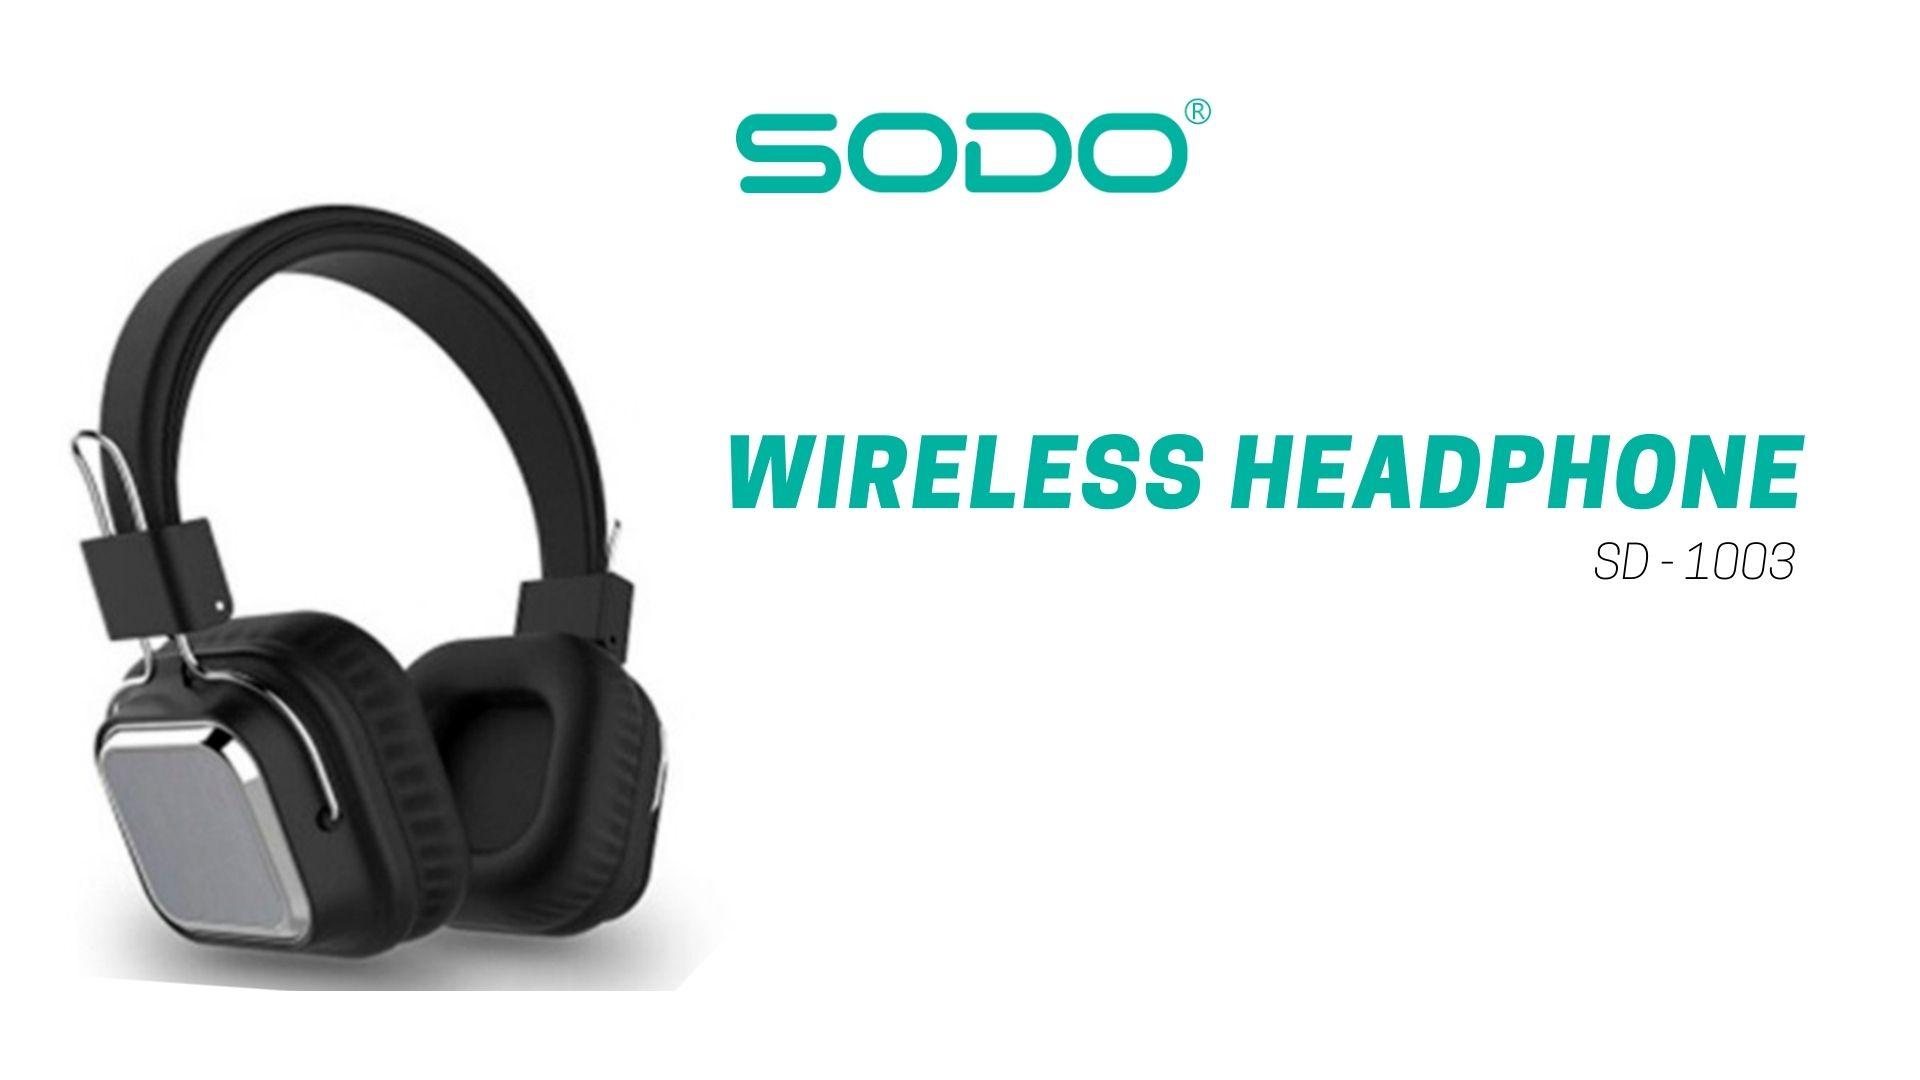 Fone De Ouvido Headset Bluetooth-5.0 1003-Sodo